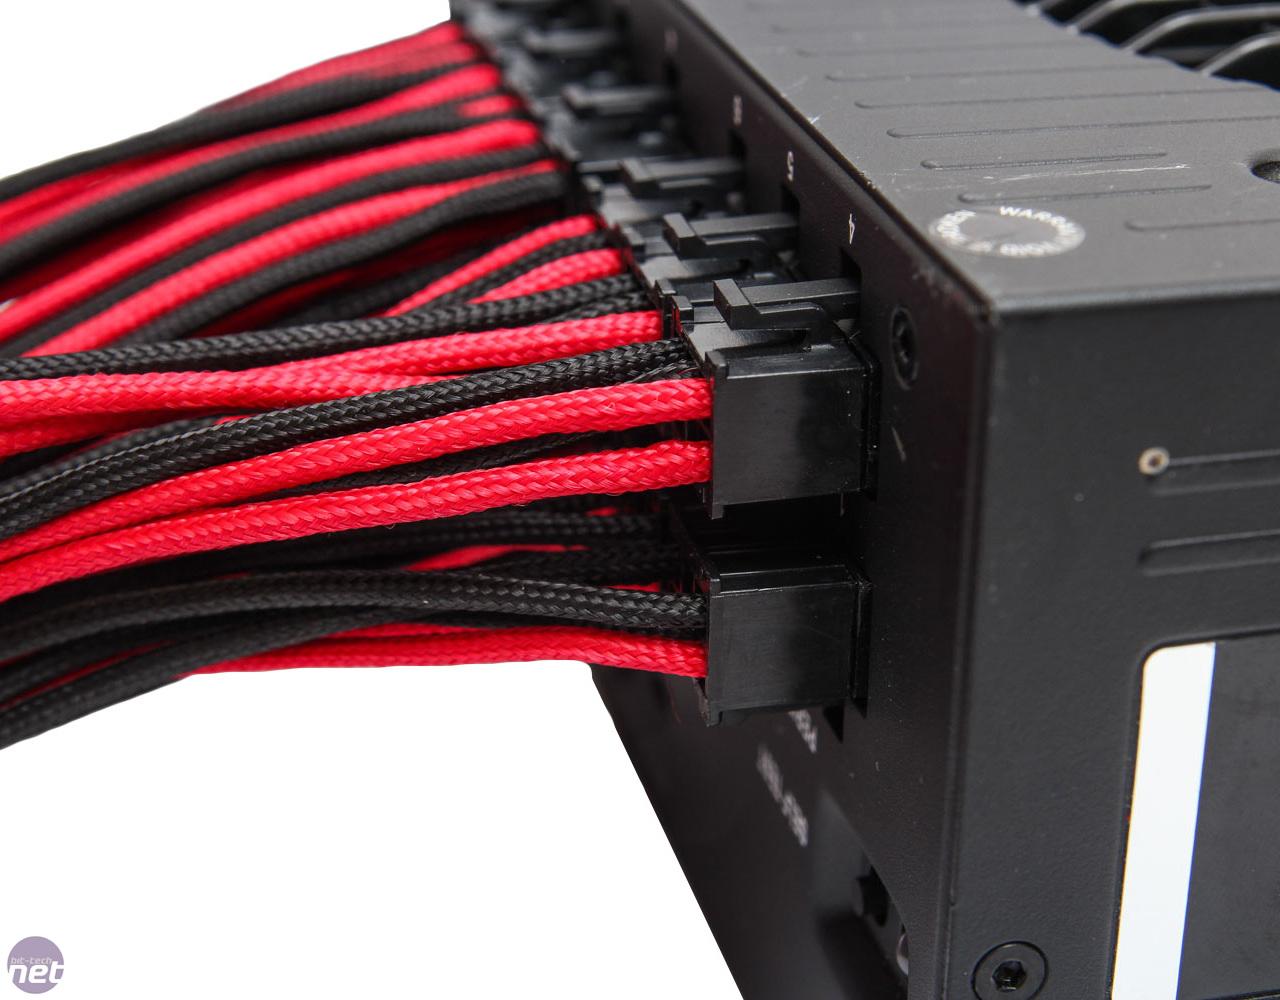 Cablemod Psu Cable Kit Review Bit Tech Net